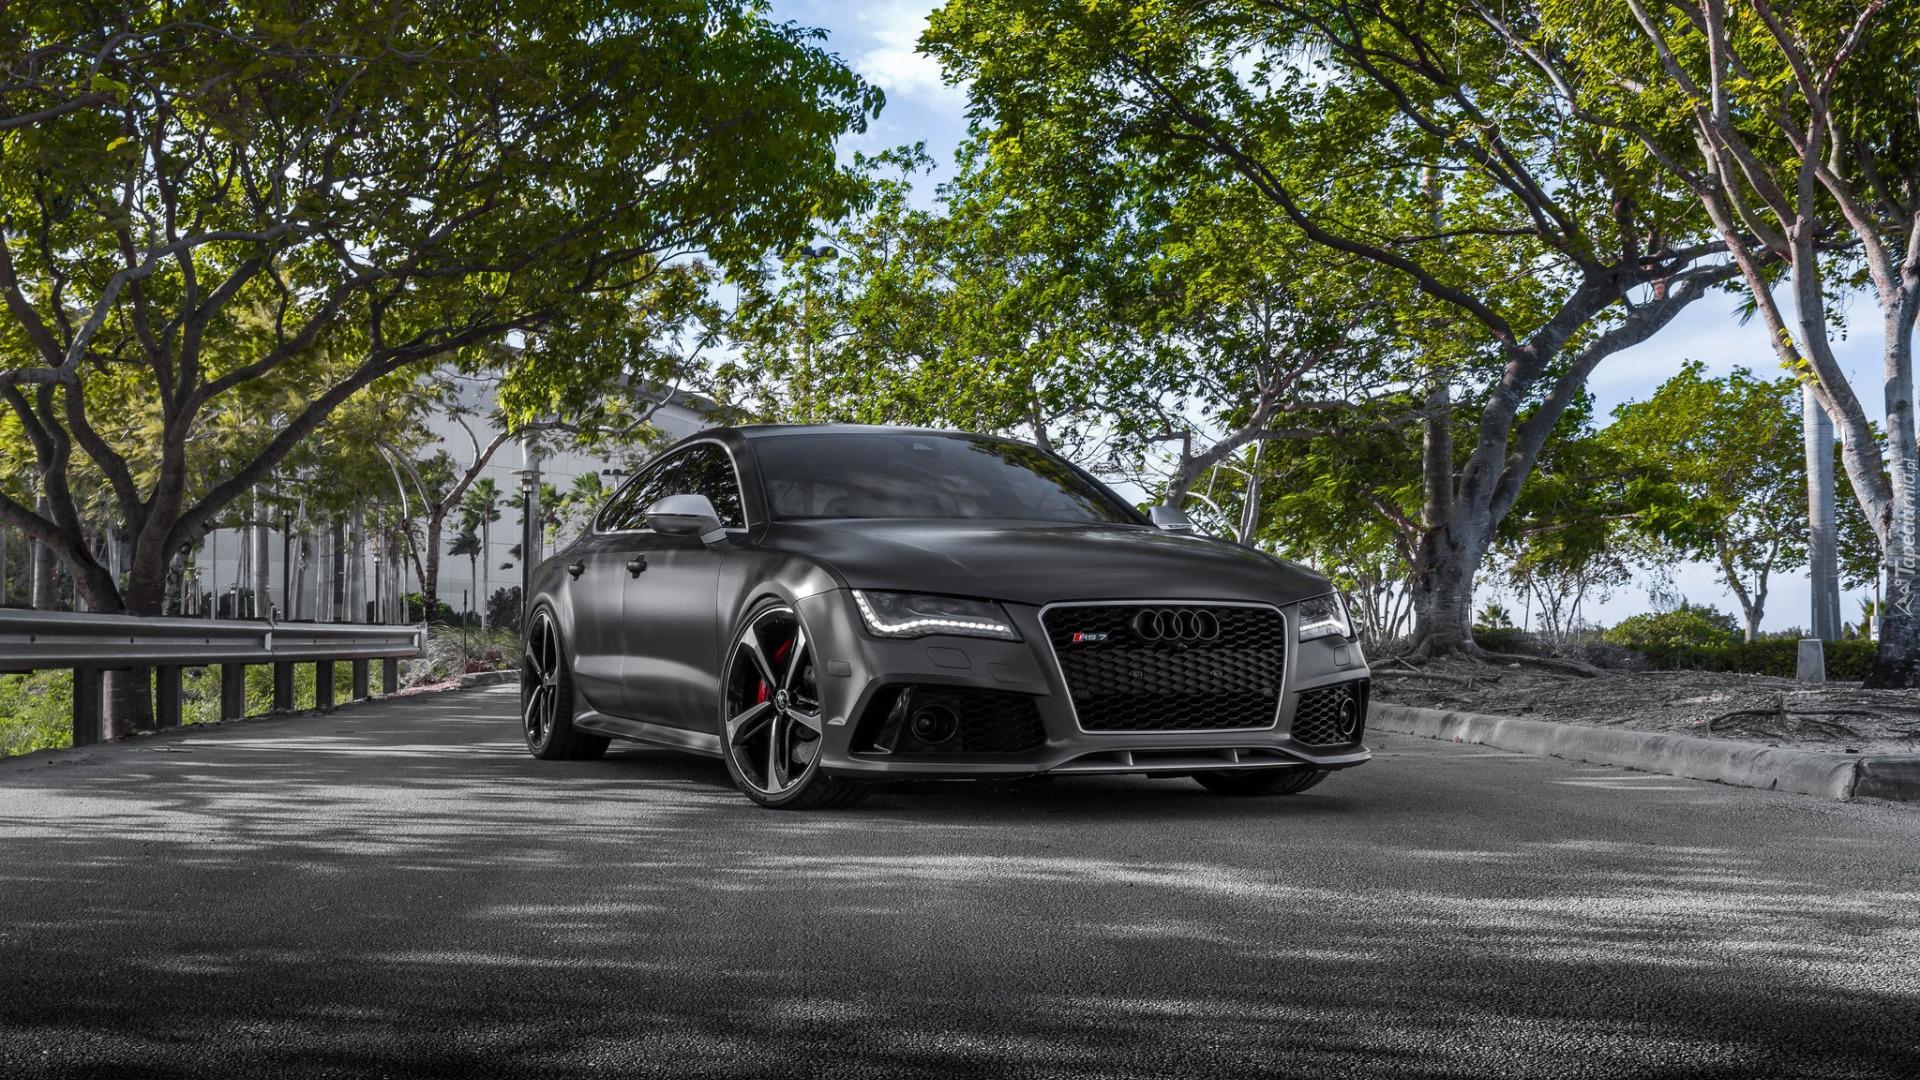 Audi Rs7 Rocznik 2017